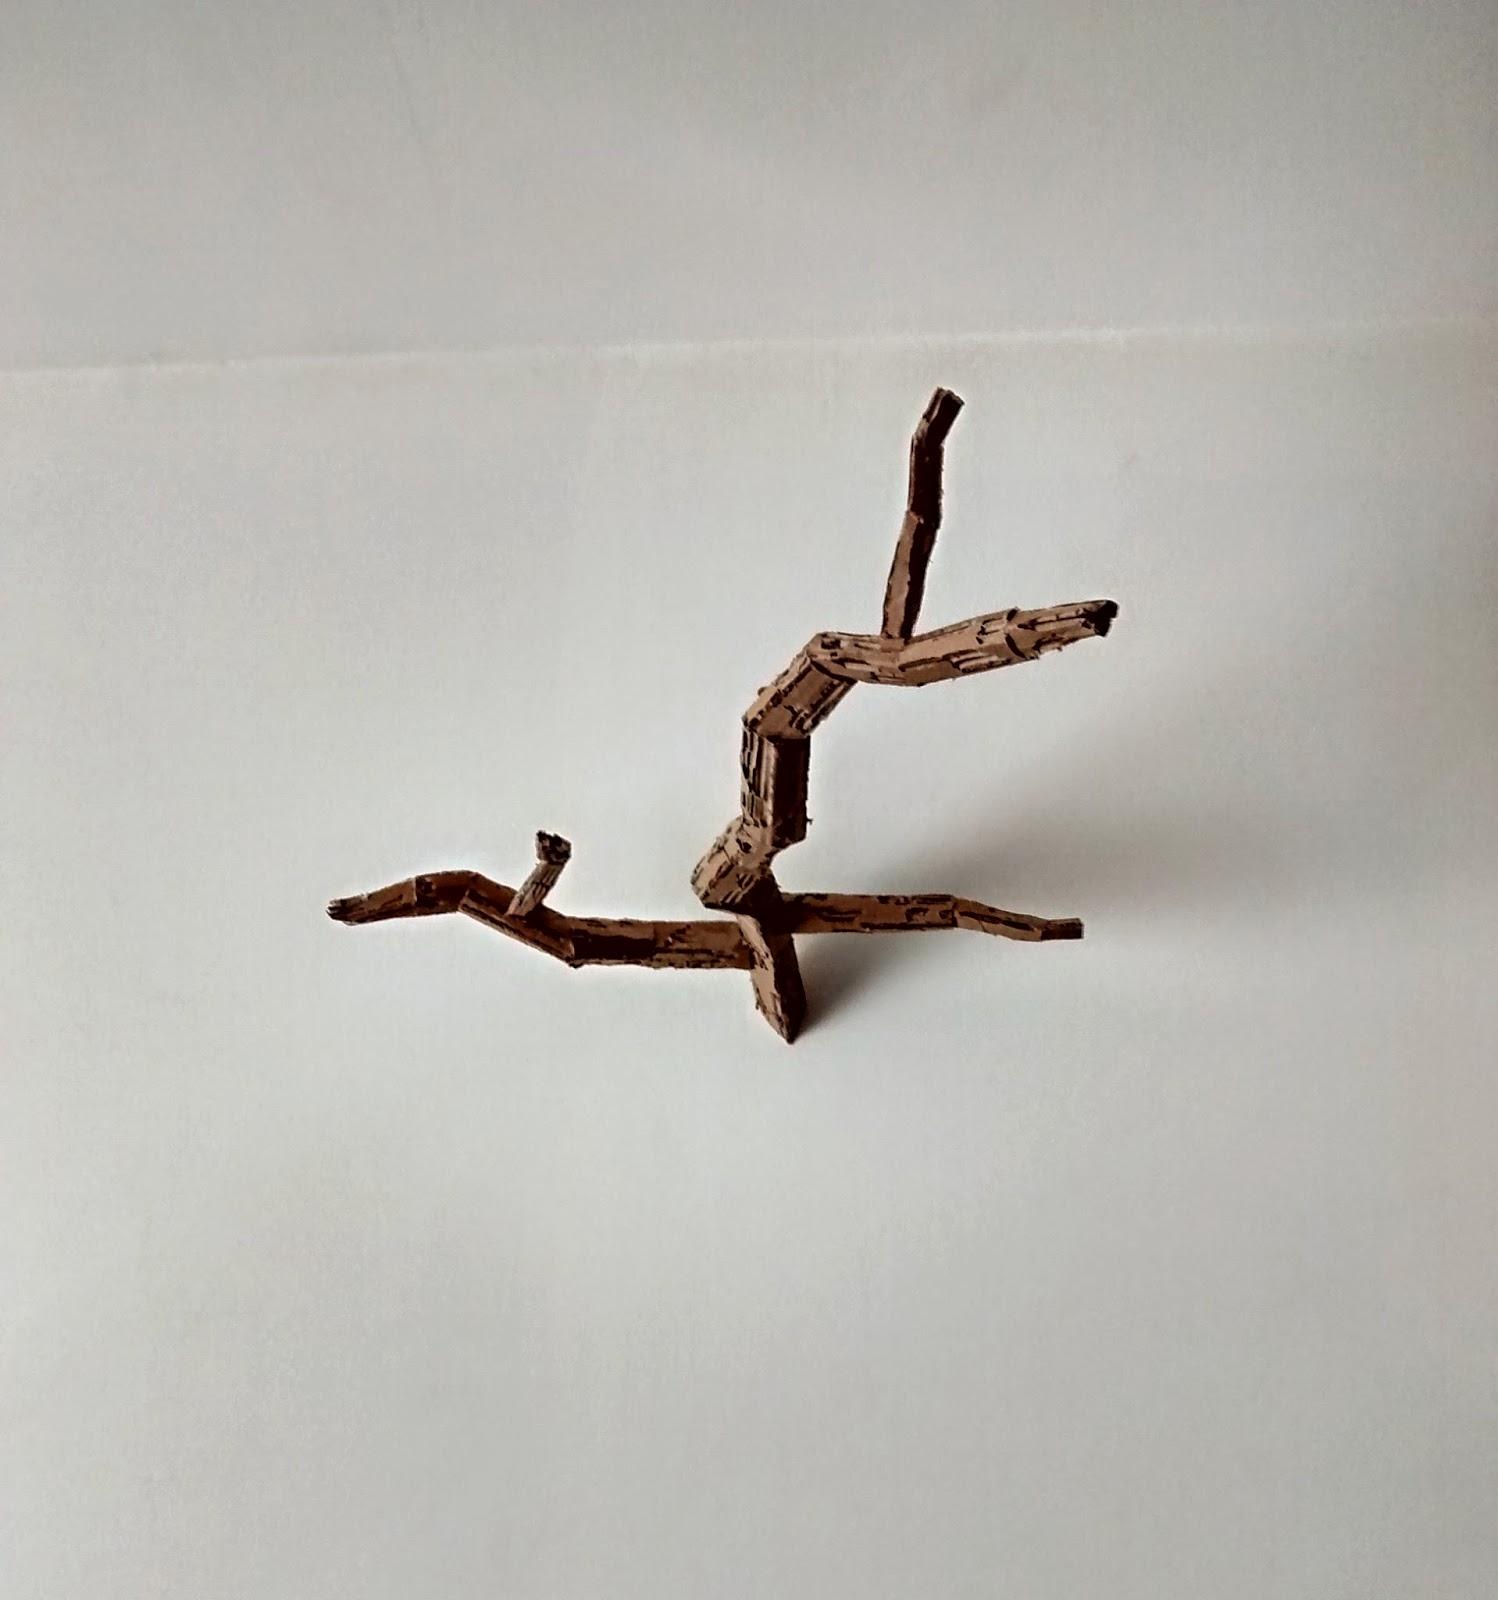 fabriquer branche en carton déco diy epate-moi